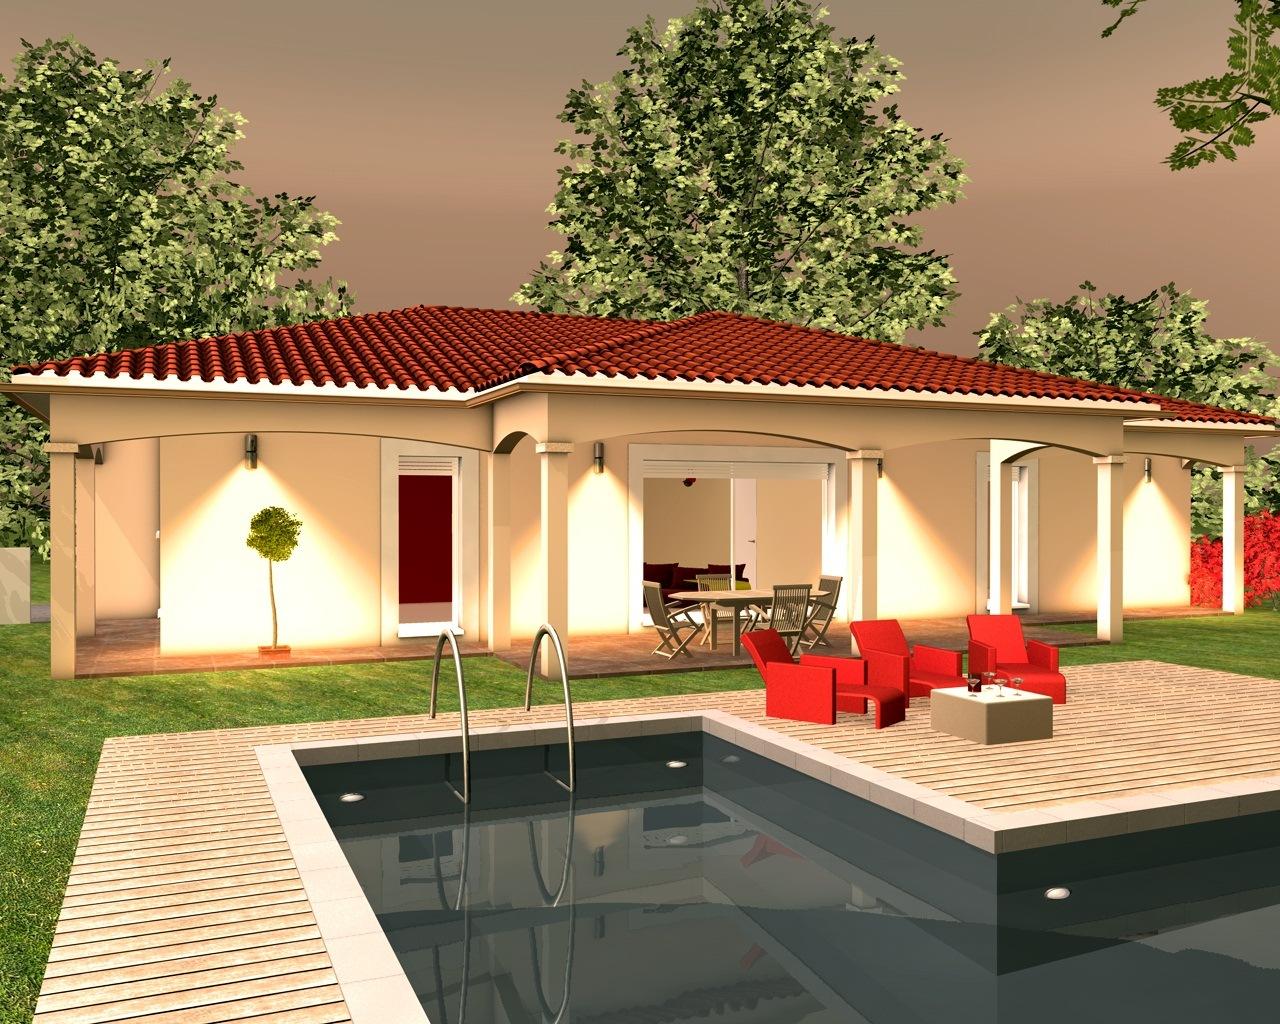 Maison Avec Terrasse Couverte Modèles Et Plans De Maisons Modèle De Plain Pied